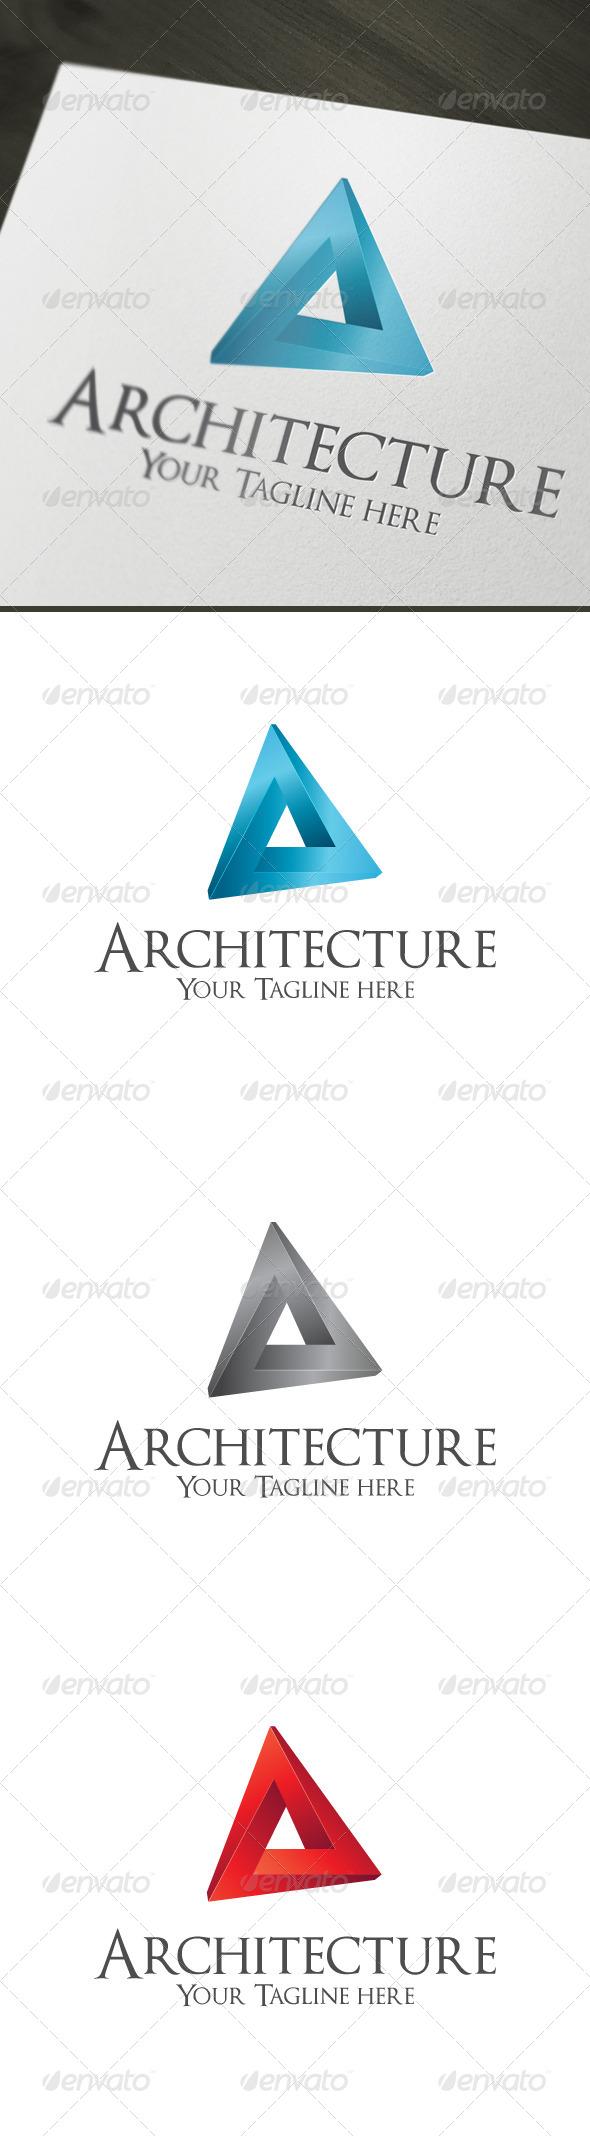 GraphicRiver Architecture 4418186